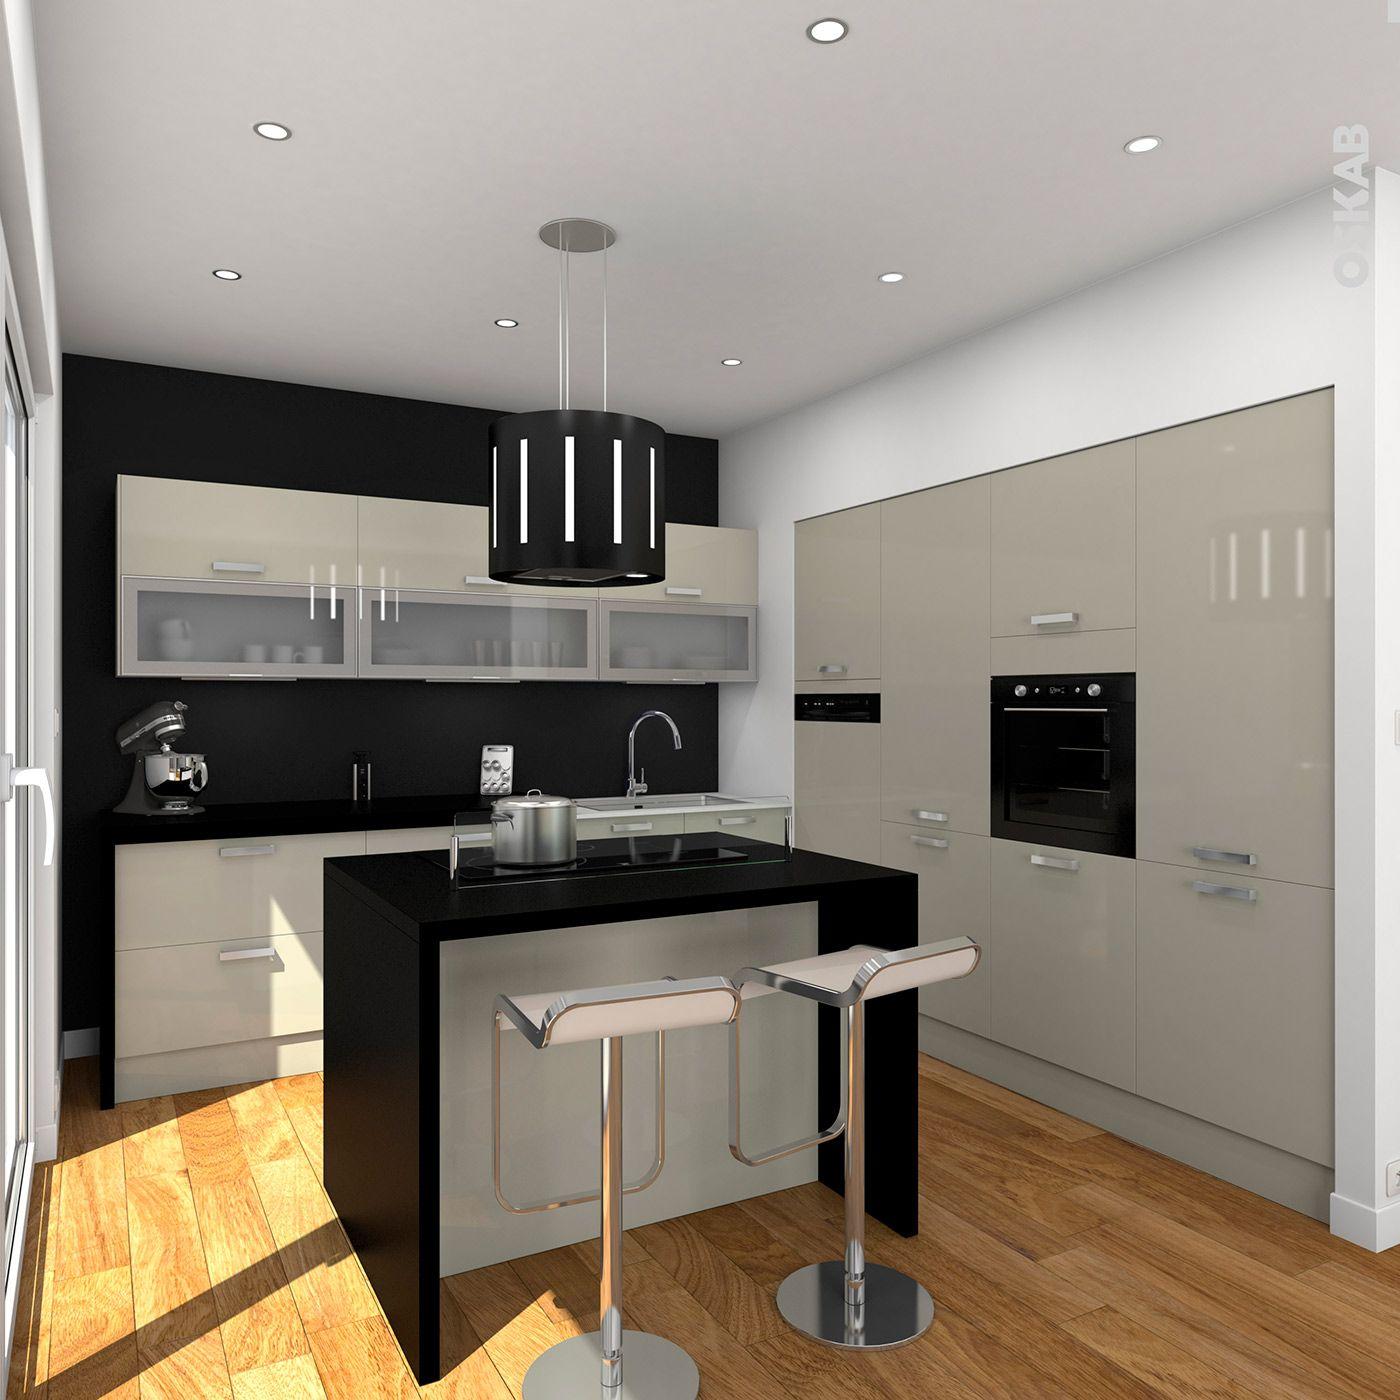 Cuisine Noir Et Blanche Avec Ilot Central: Cuisine Couleur Argile En L, Ouverte Sur Salon, Avec Ilot